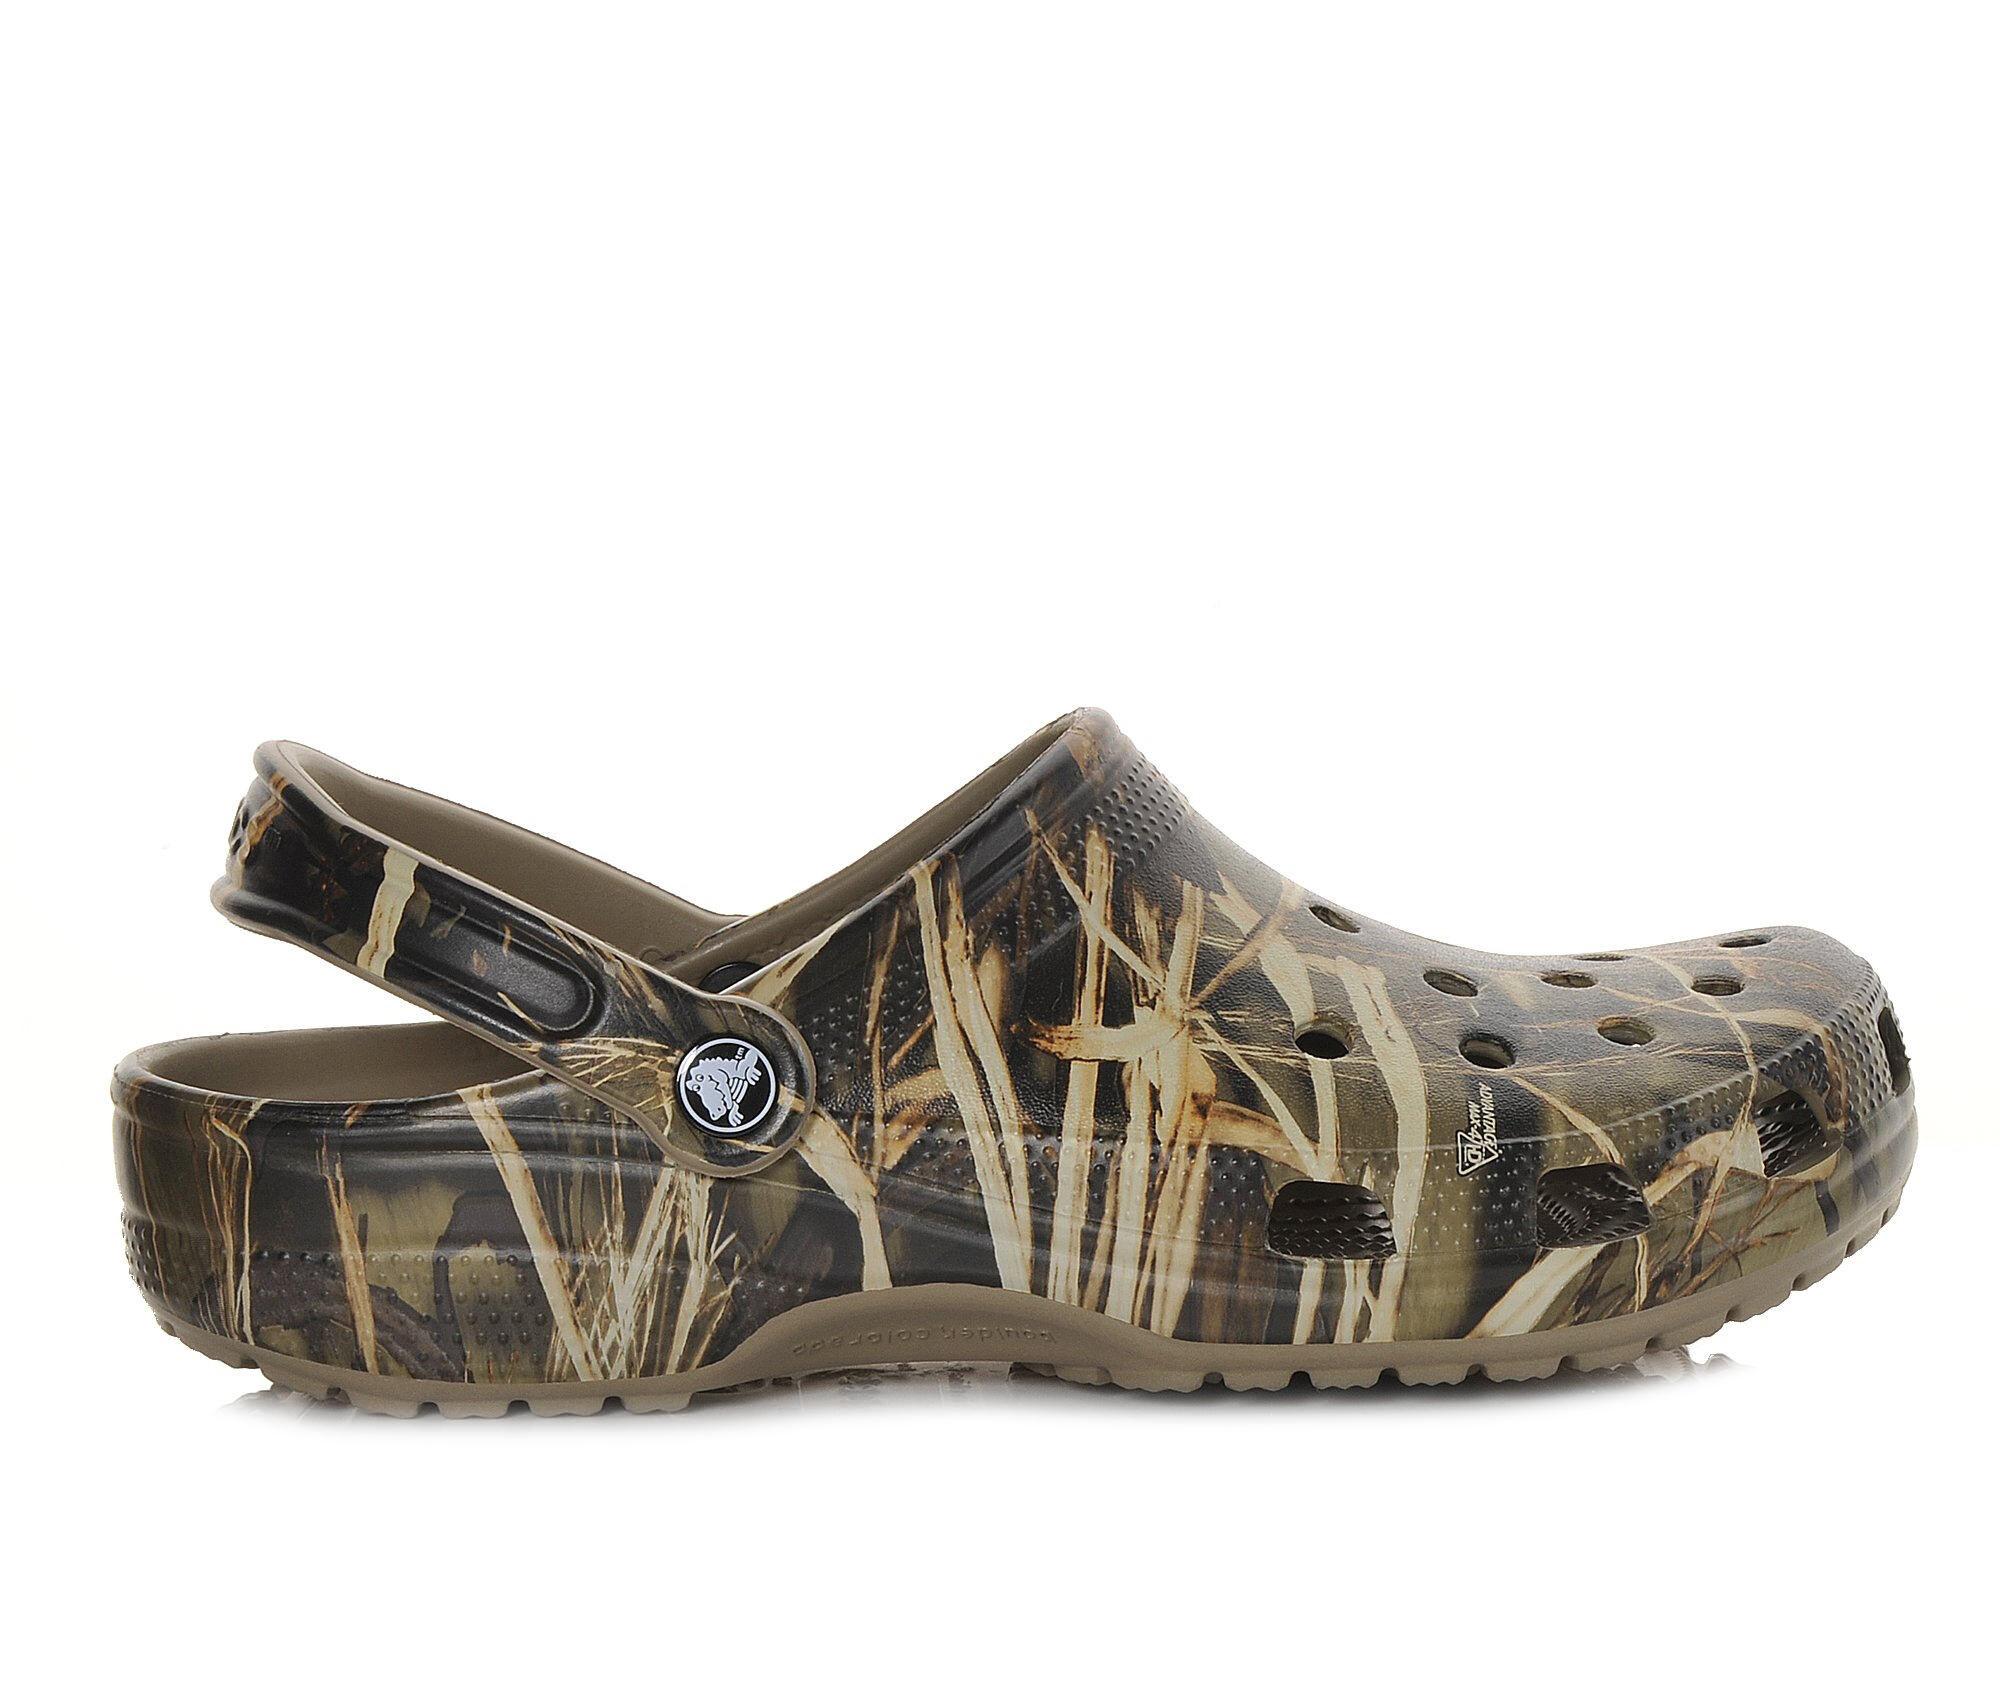 Men's Crocs Classic Realtree Clogs Khaki